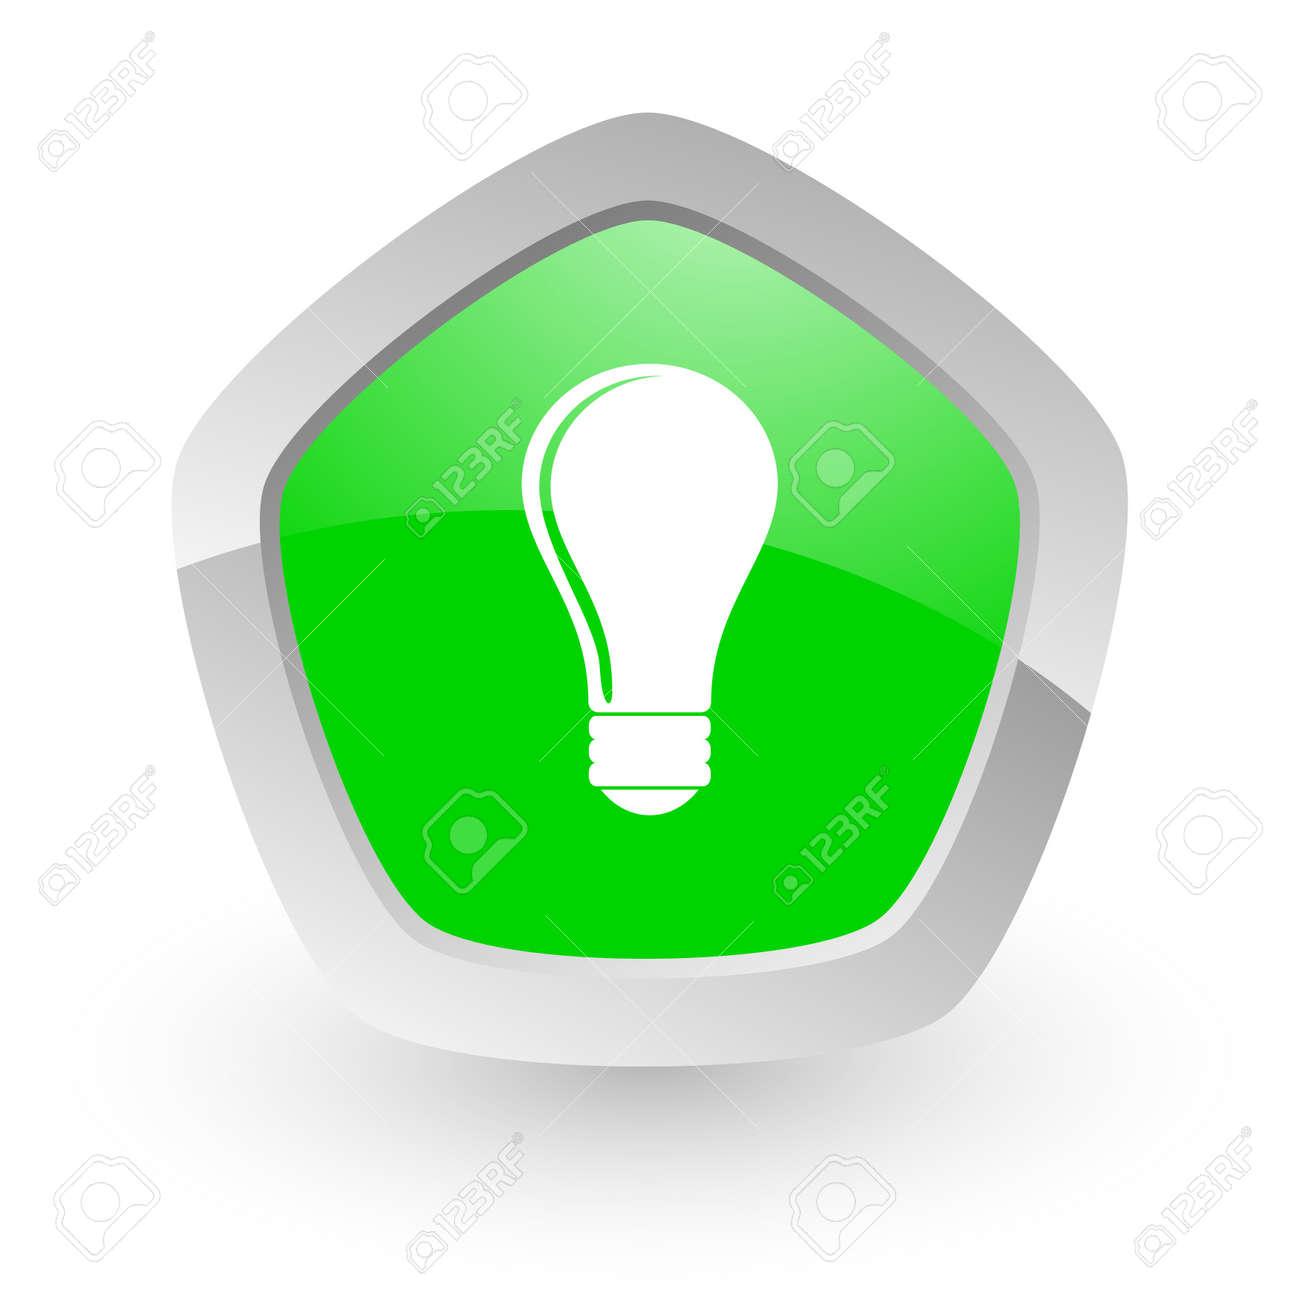 green pantagon icon Stock Photo - 14049133